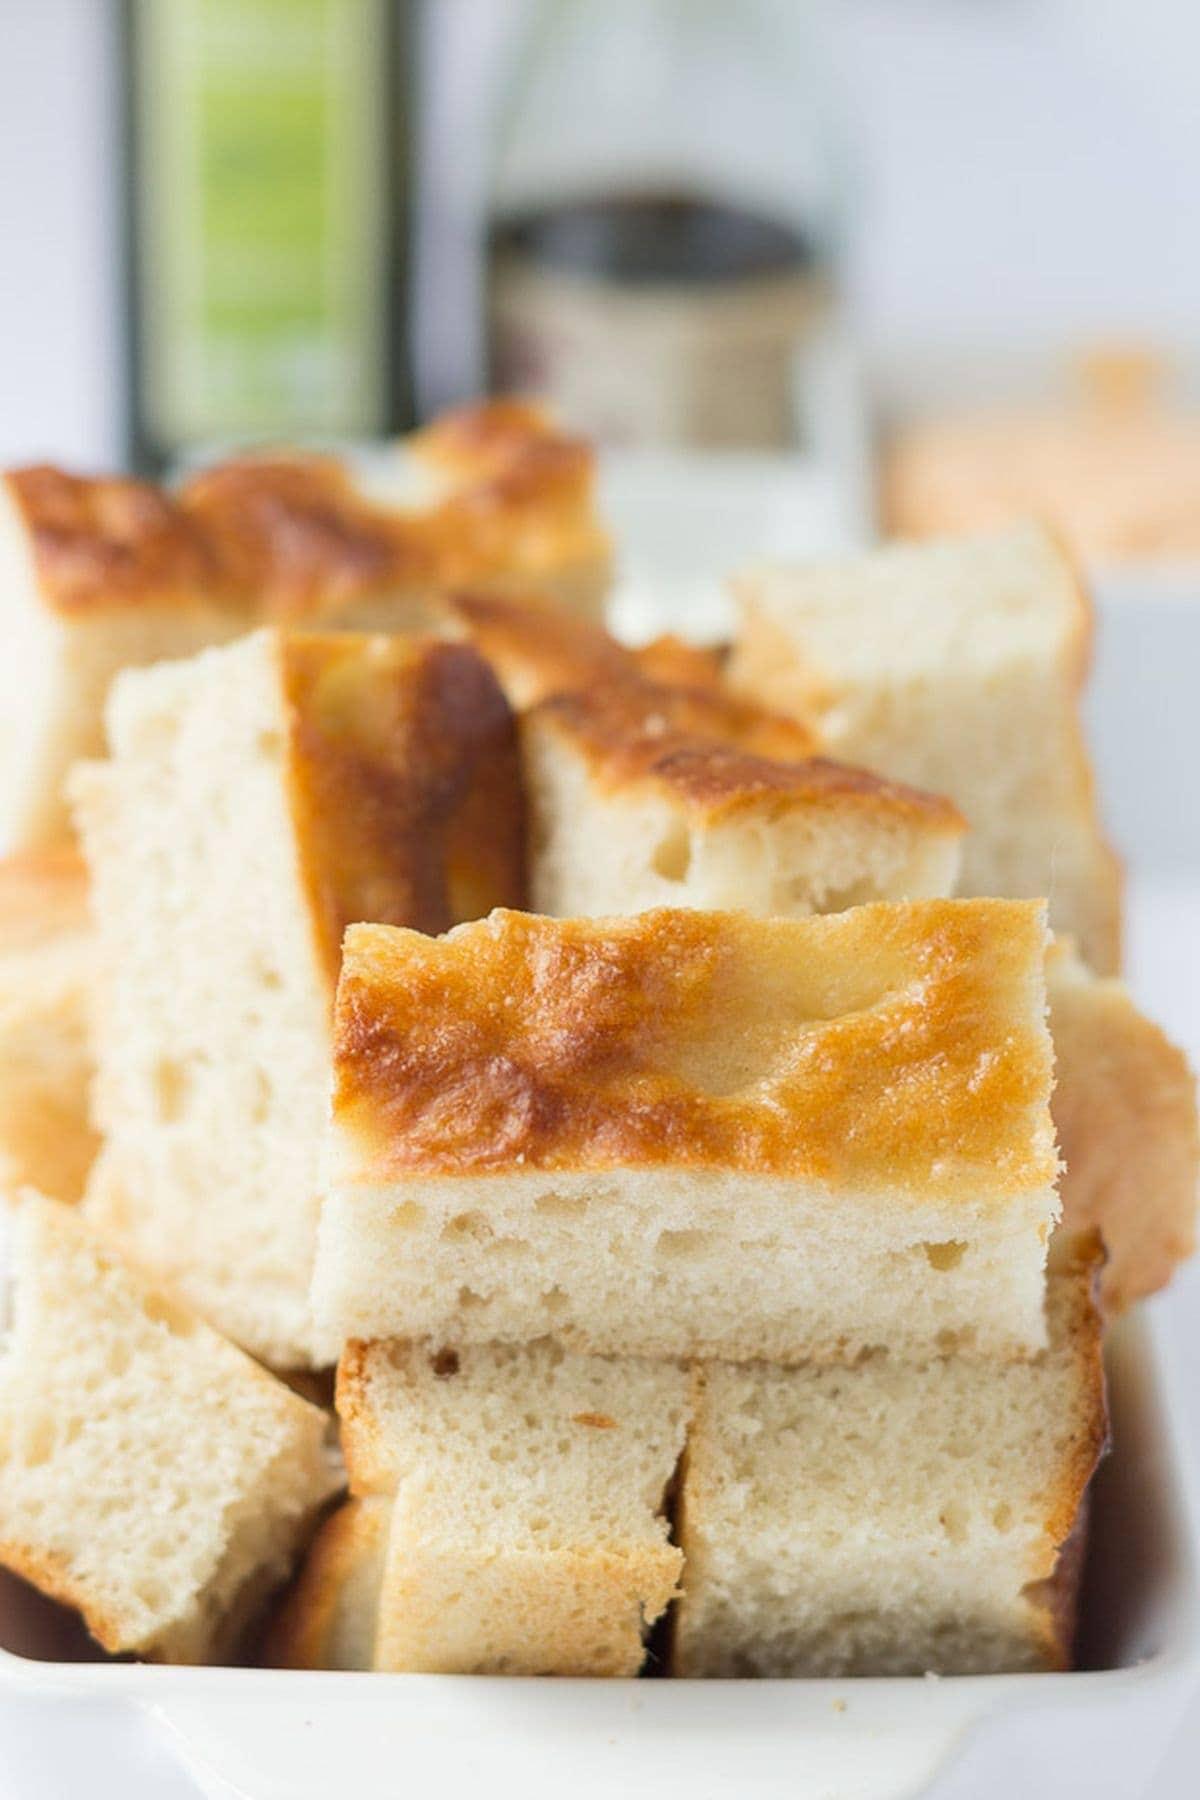 Focaccia bread cut into fingers.